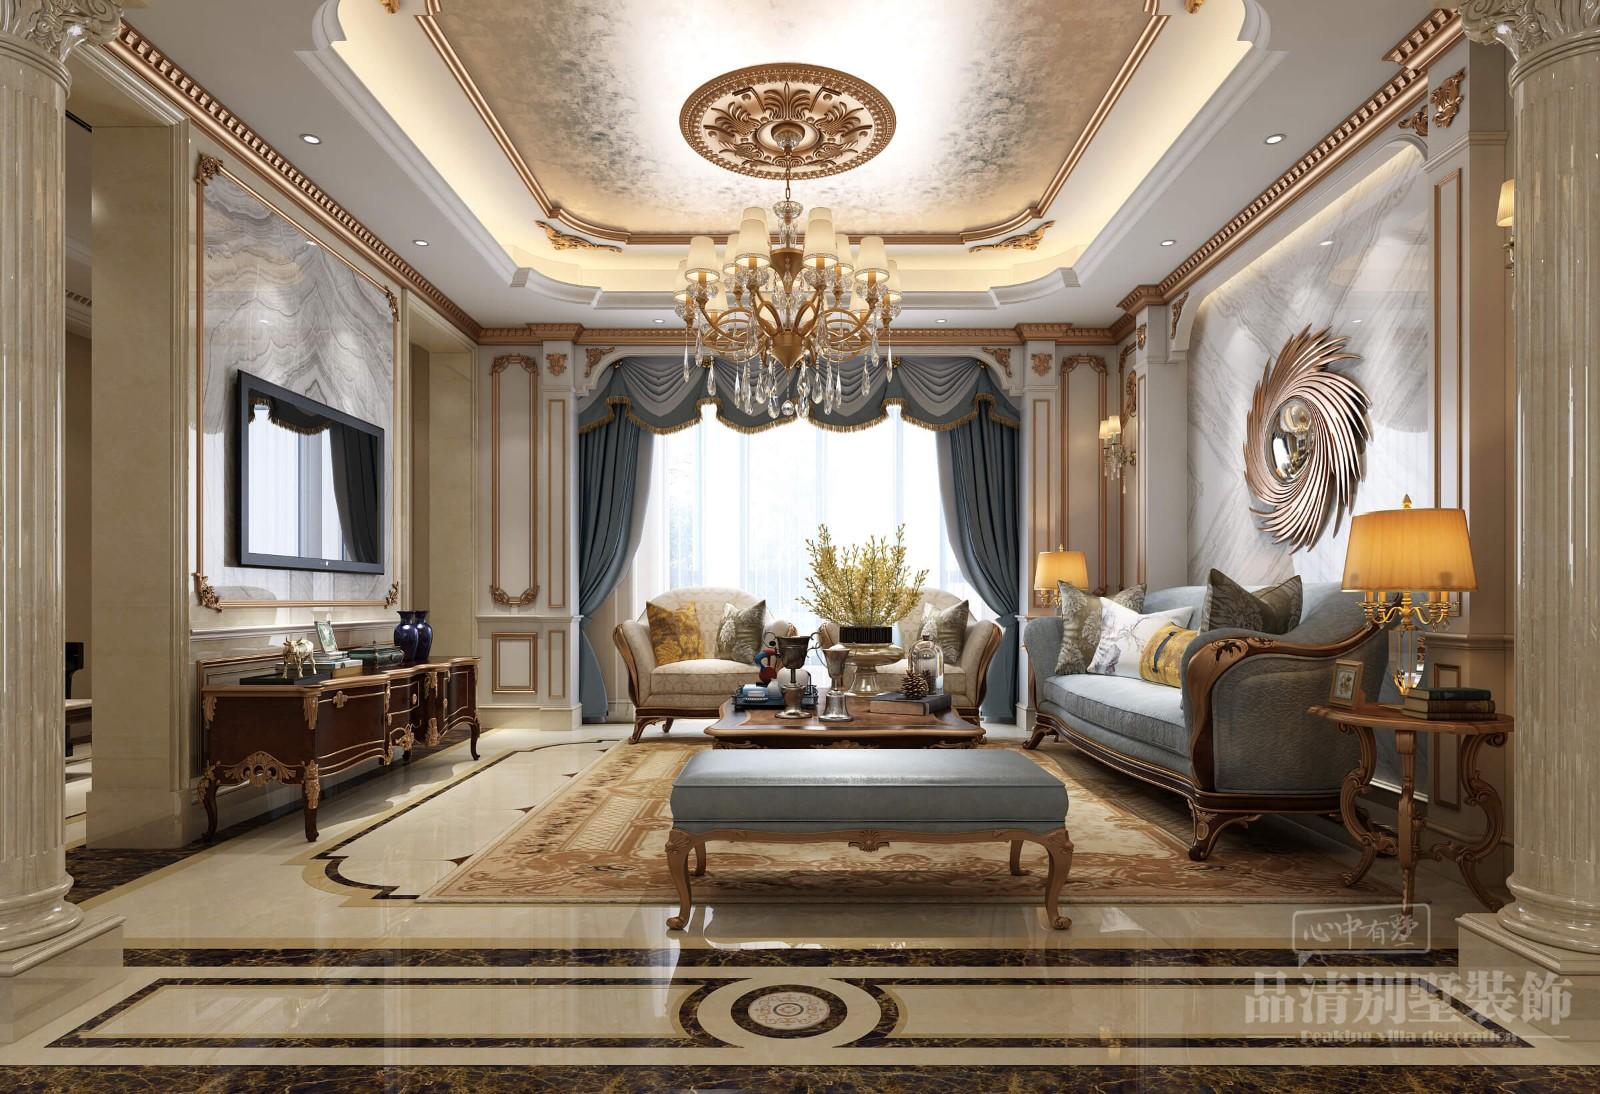 鸿墅联排405m&法式别墅装修风格-客厅布局上突出轴线的对称,恢宏